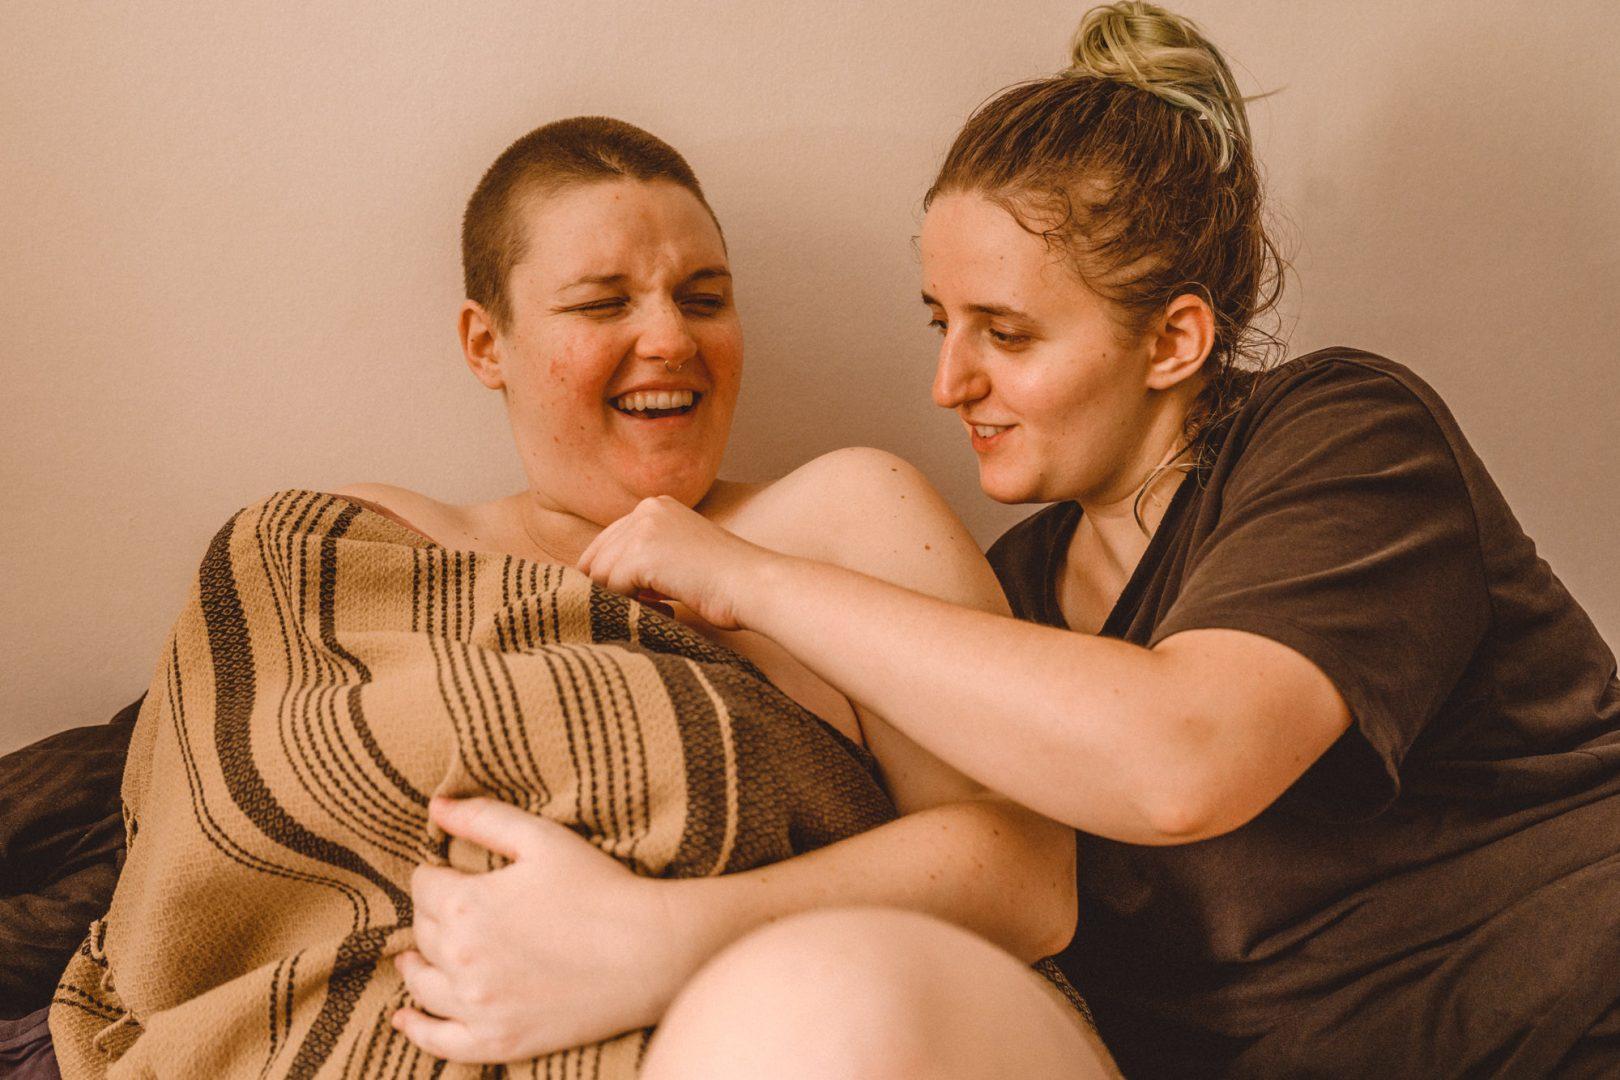 Mutter lacht nach Hausgeburt und zeigt Baby ihrer Schwester